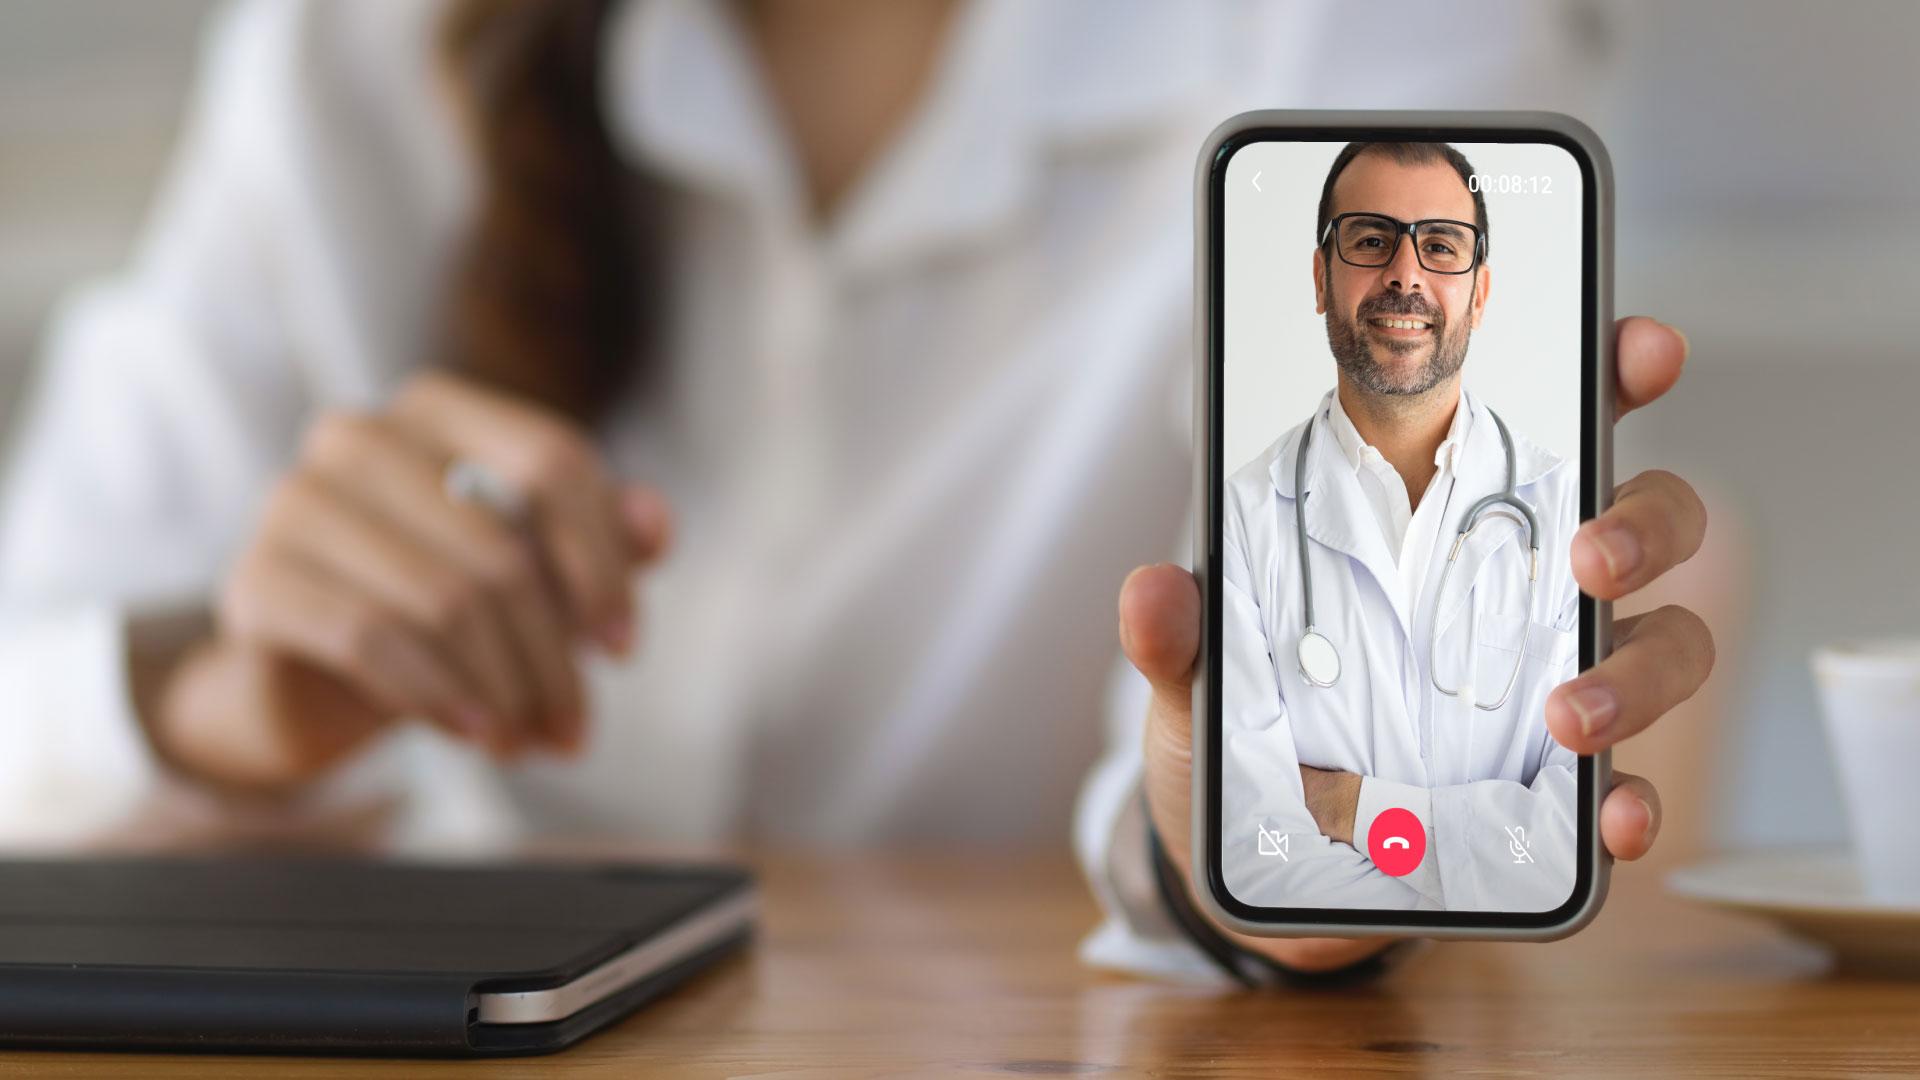 Está sem plano de saúde? Realize uma consulta médica online!